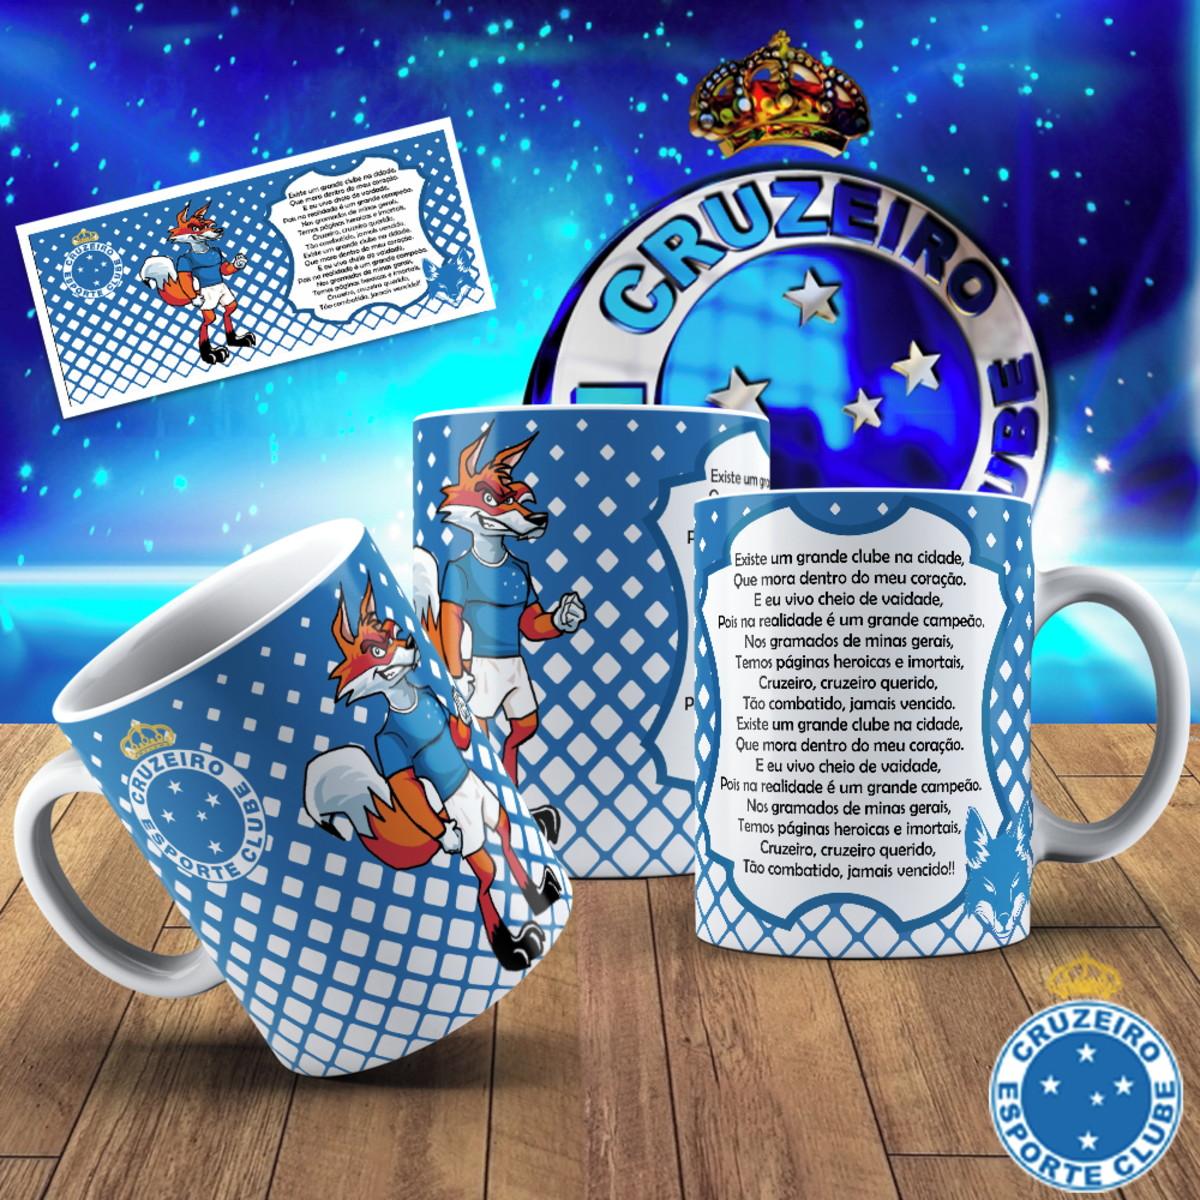 073cba41a3 Caneca cerâmica - Cruzeiro personalizada com hino no Elo7